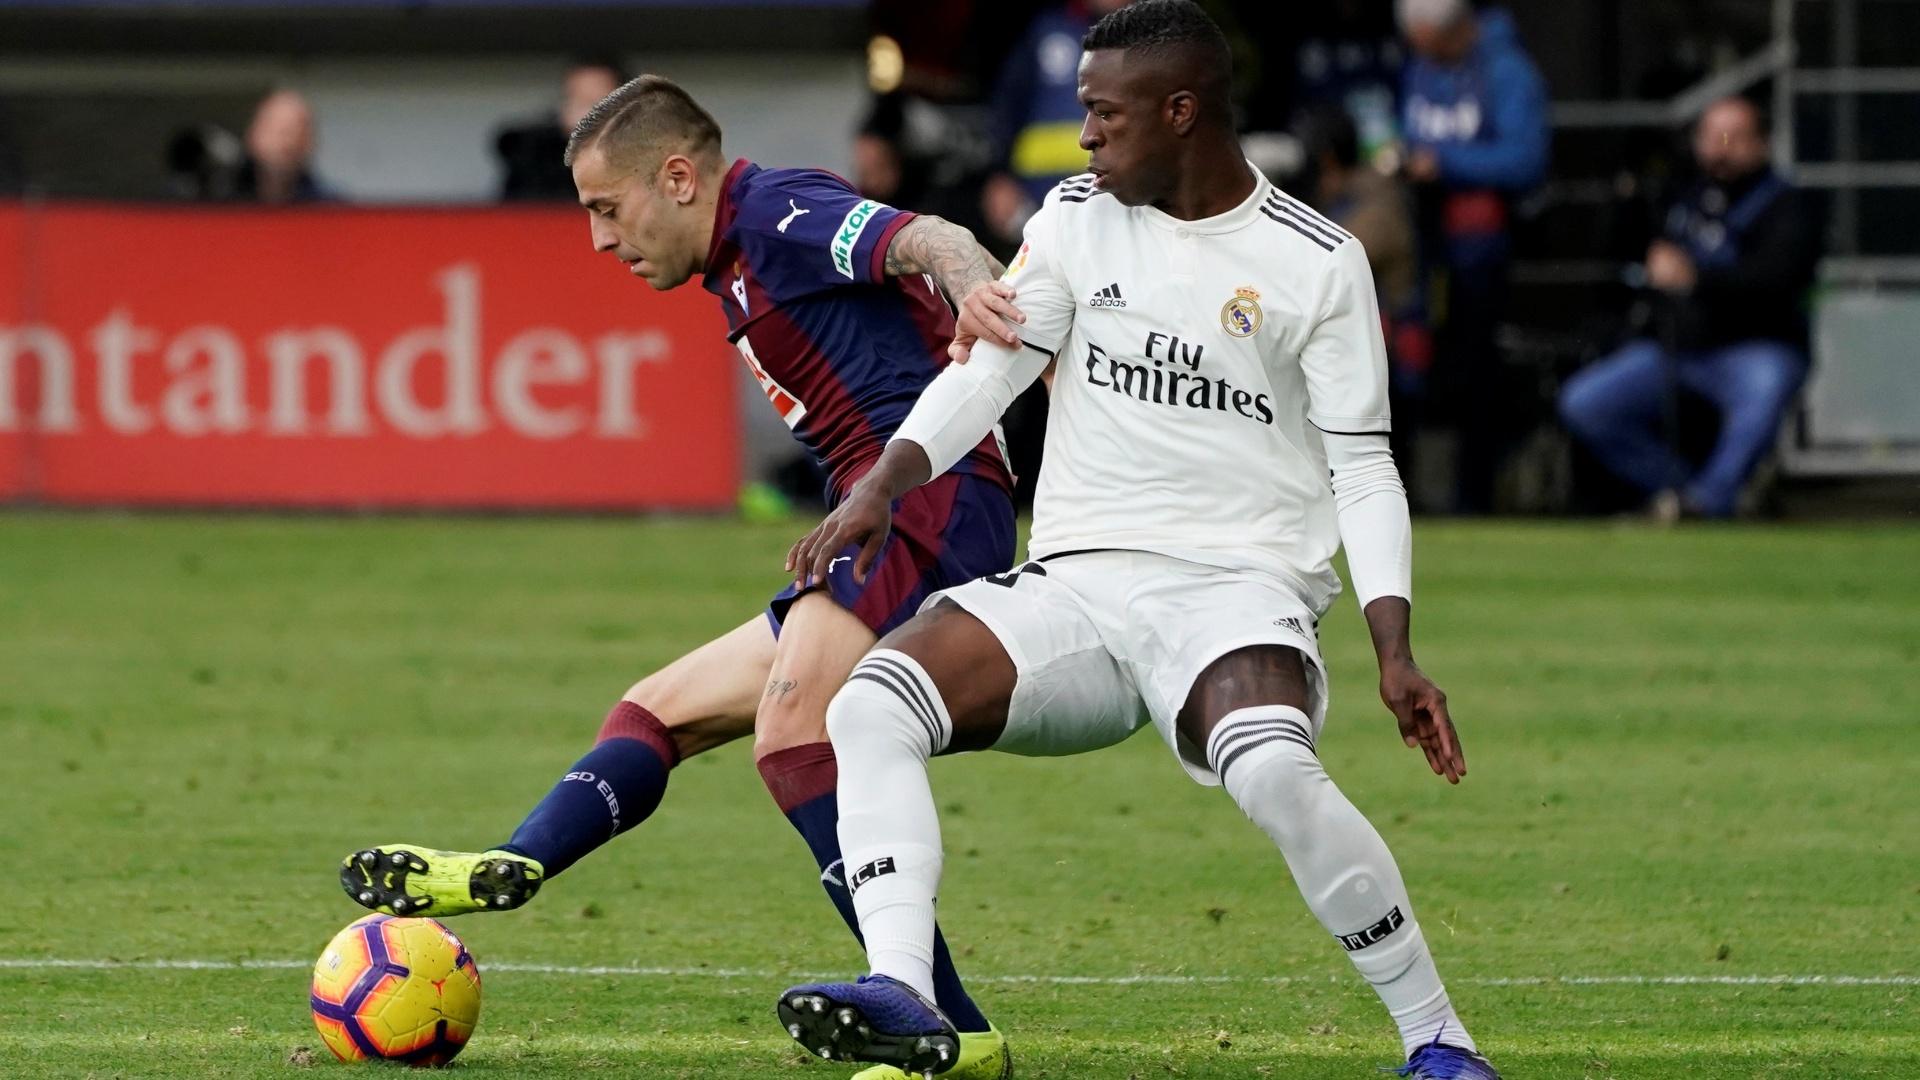 Vinicius Júnior, tacante do Real Madrid, disputa bola com adversário do Eibar